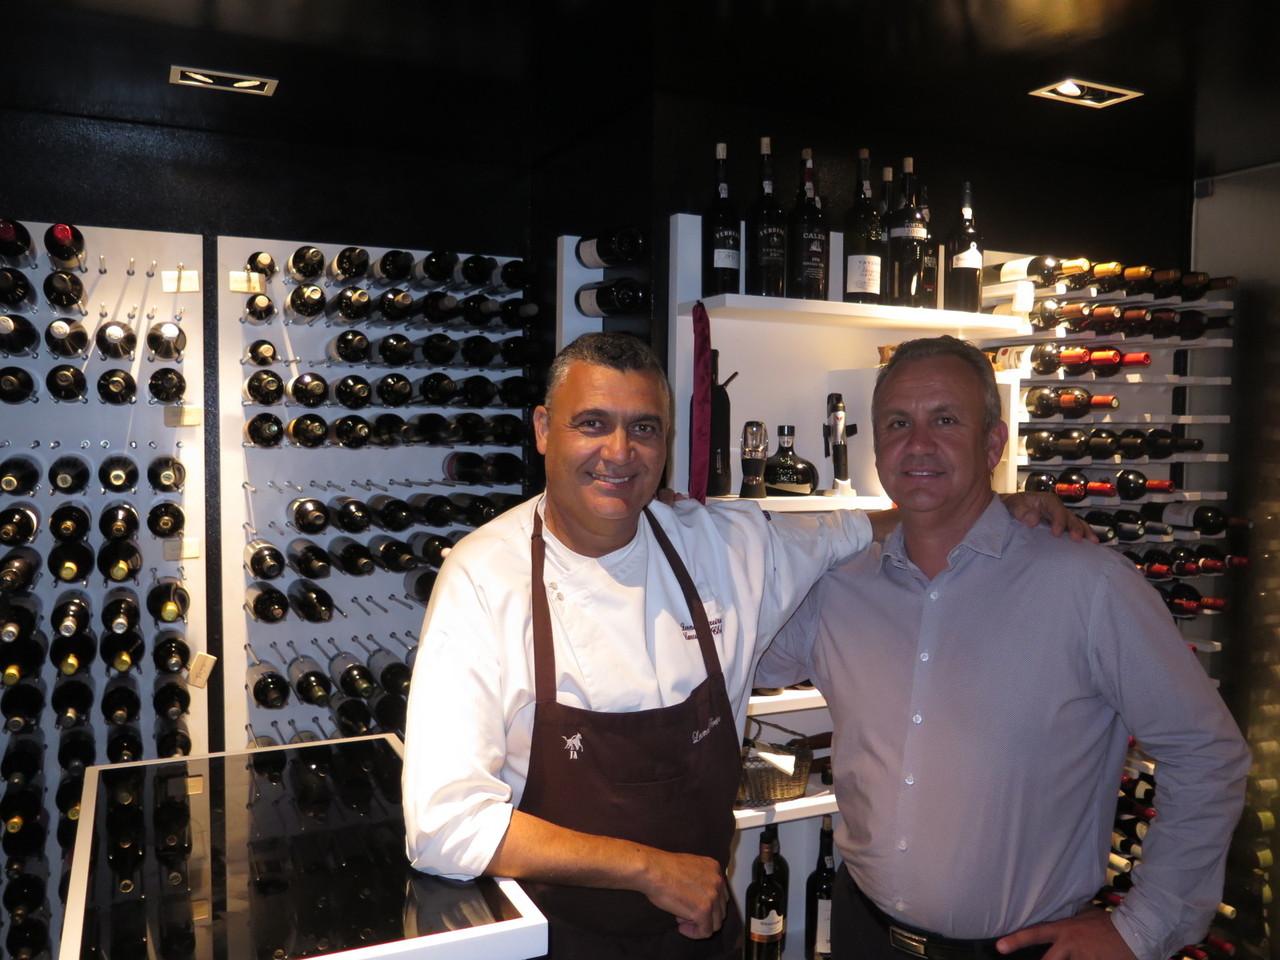 Os dois investidores do SÃO GABRIEL: o chefe de cozinha Leonel Pereira e o chefe de sala Delfim João